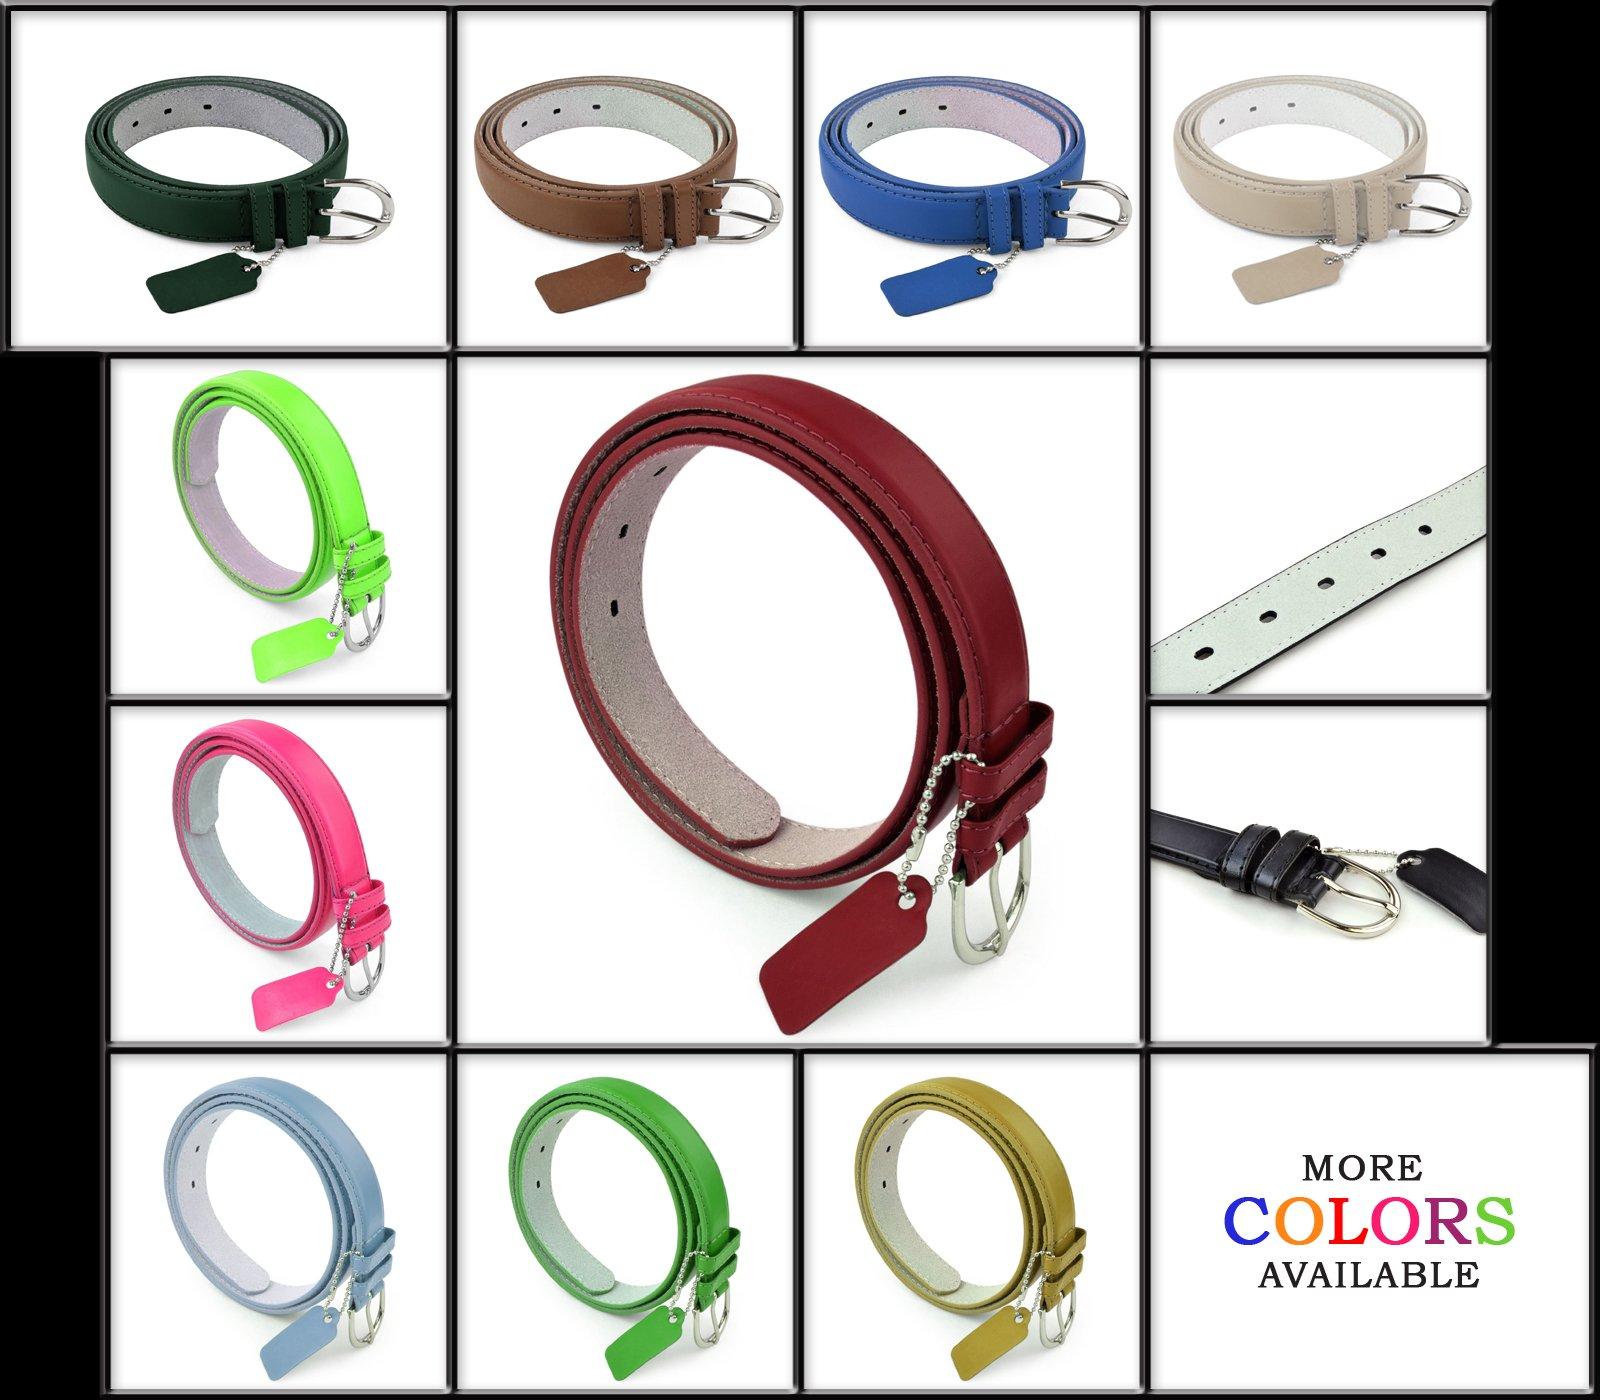 Womens Dress Belt - Solid Color Bonded Leather Silver Polished Buckle Belle Donne